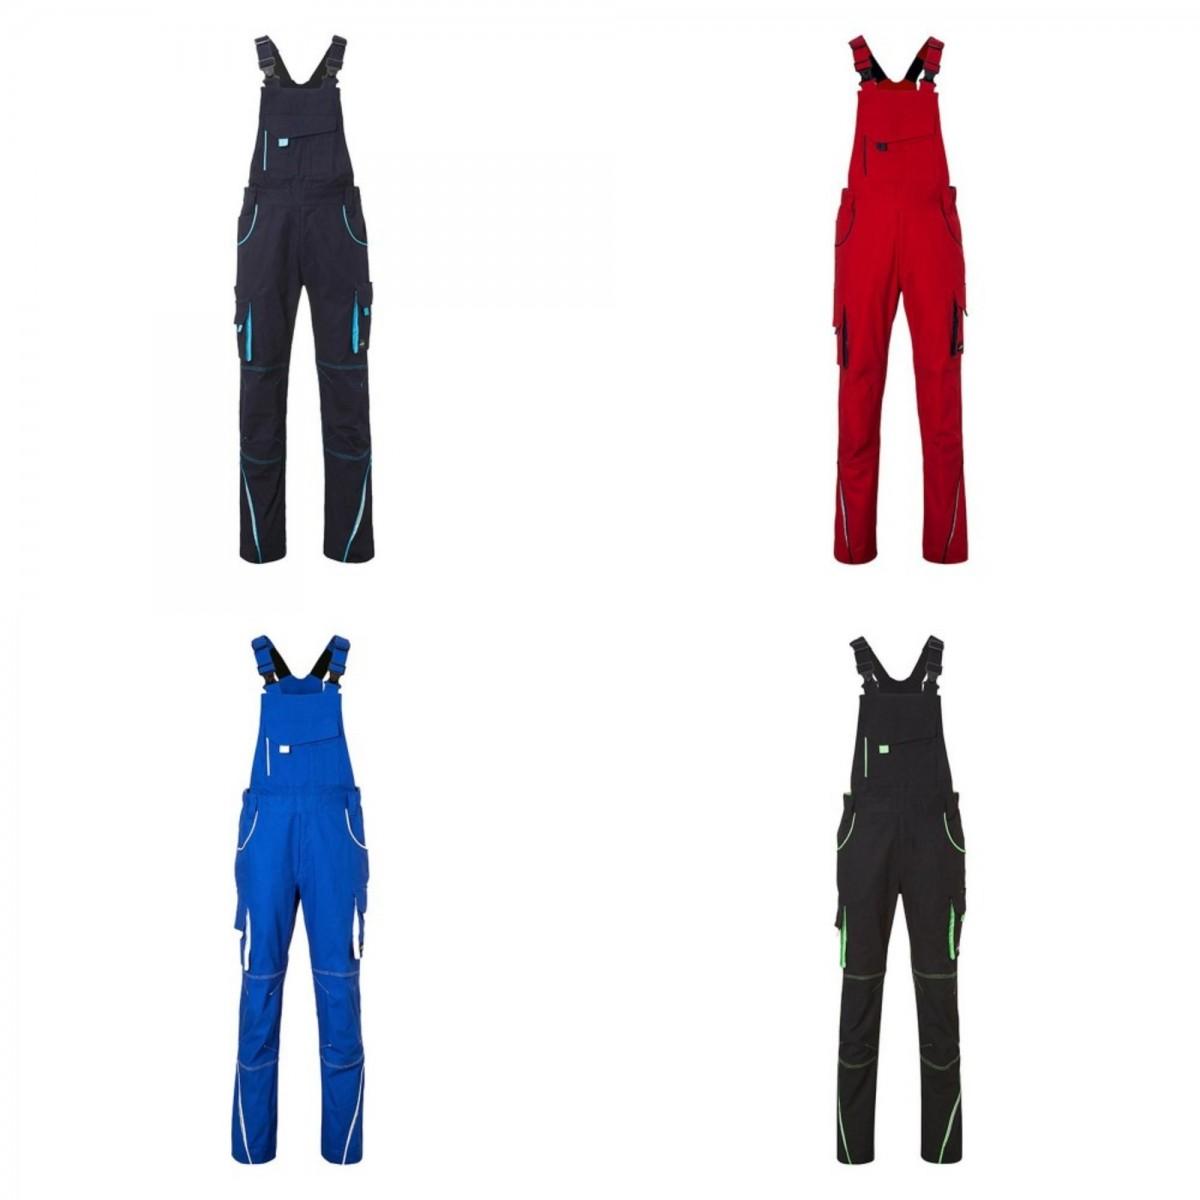 (ジェームズ・アンド・ニコルソン) James & Nicholson ユニセックス Workwear Level 2 作業用 オーバーオール つなぎ サロペット 作業服 【海外直送】